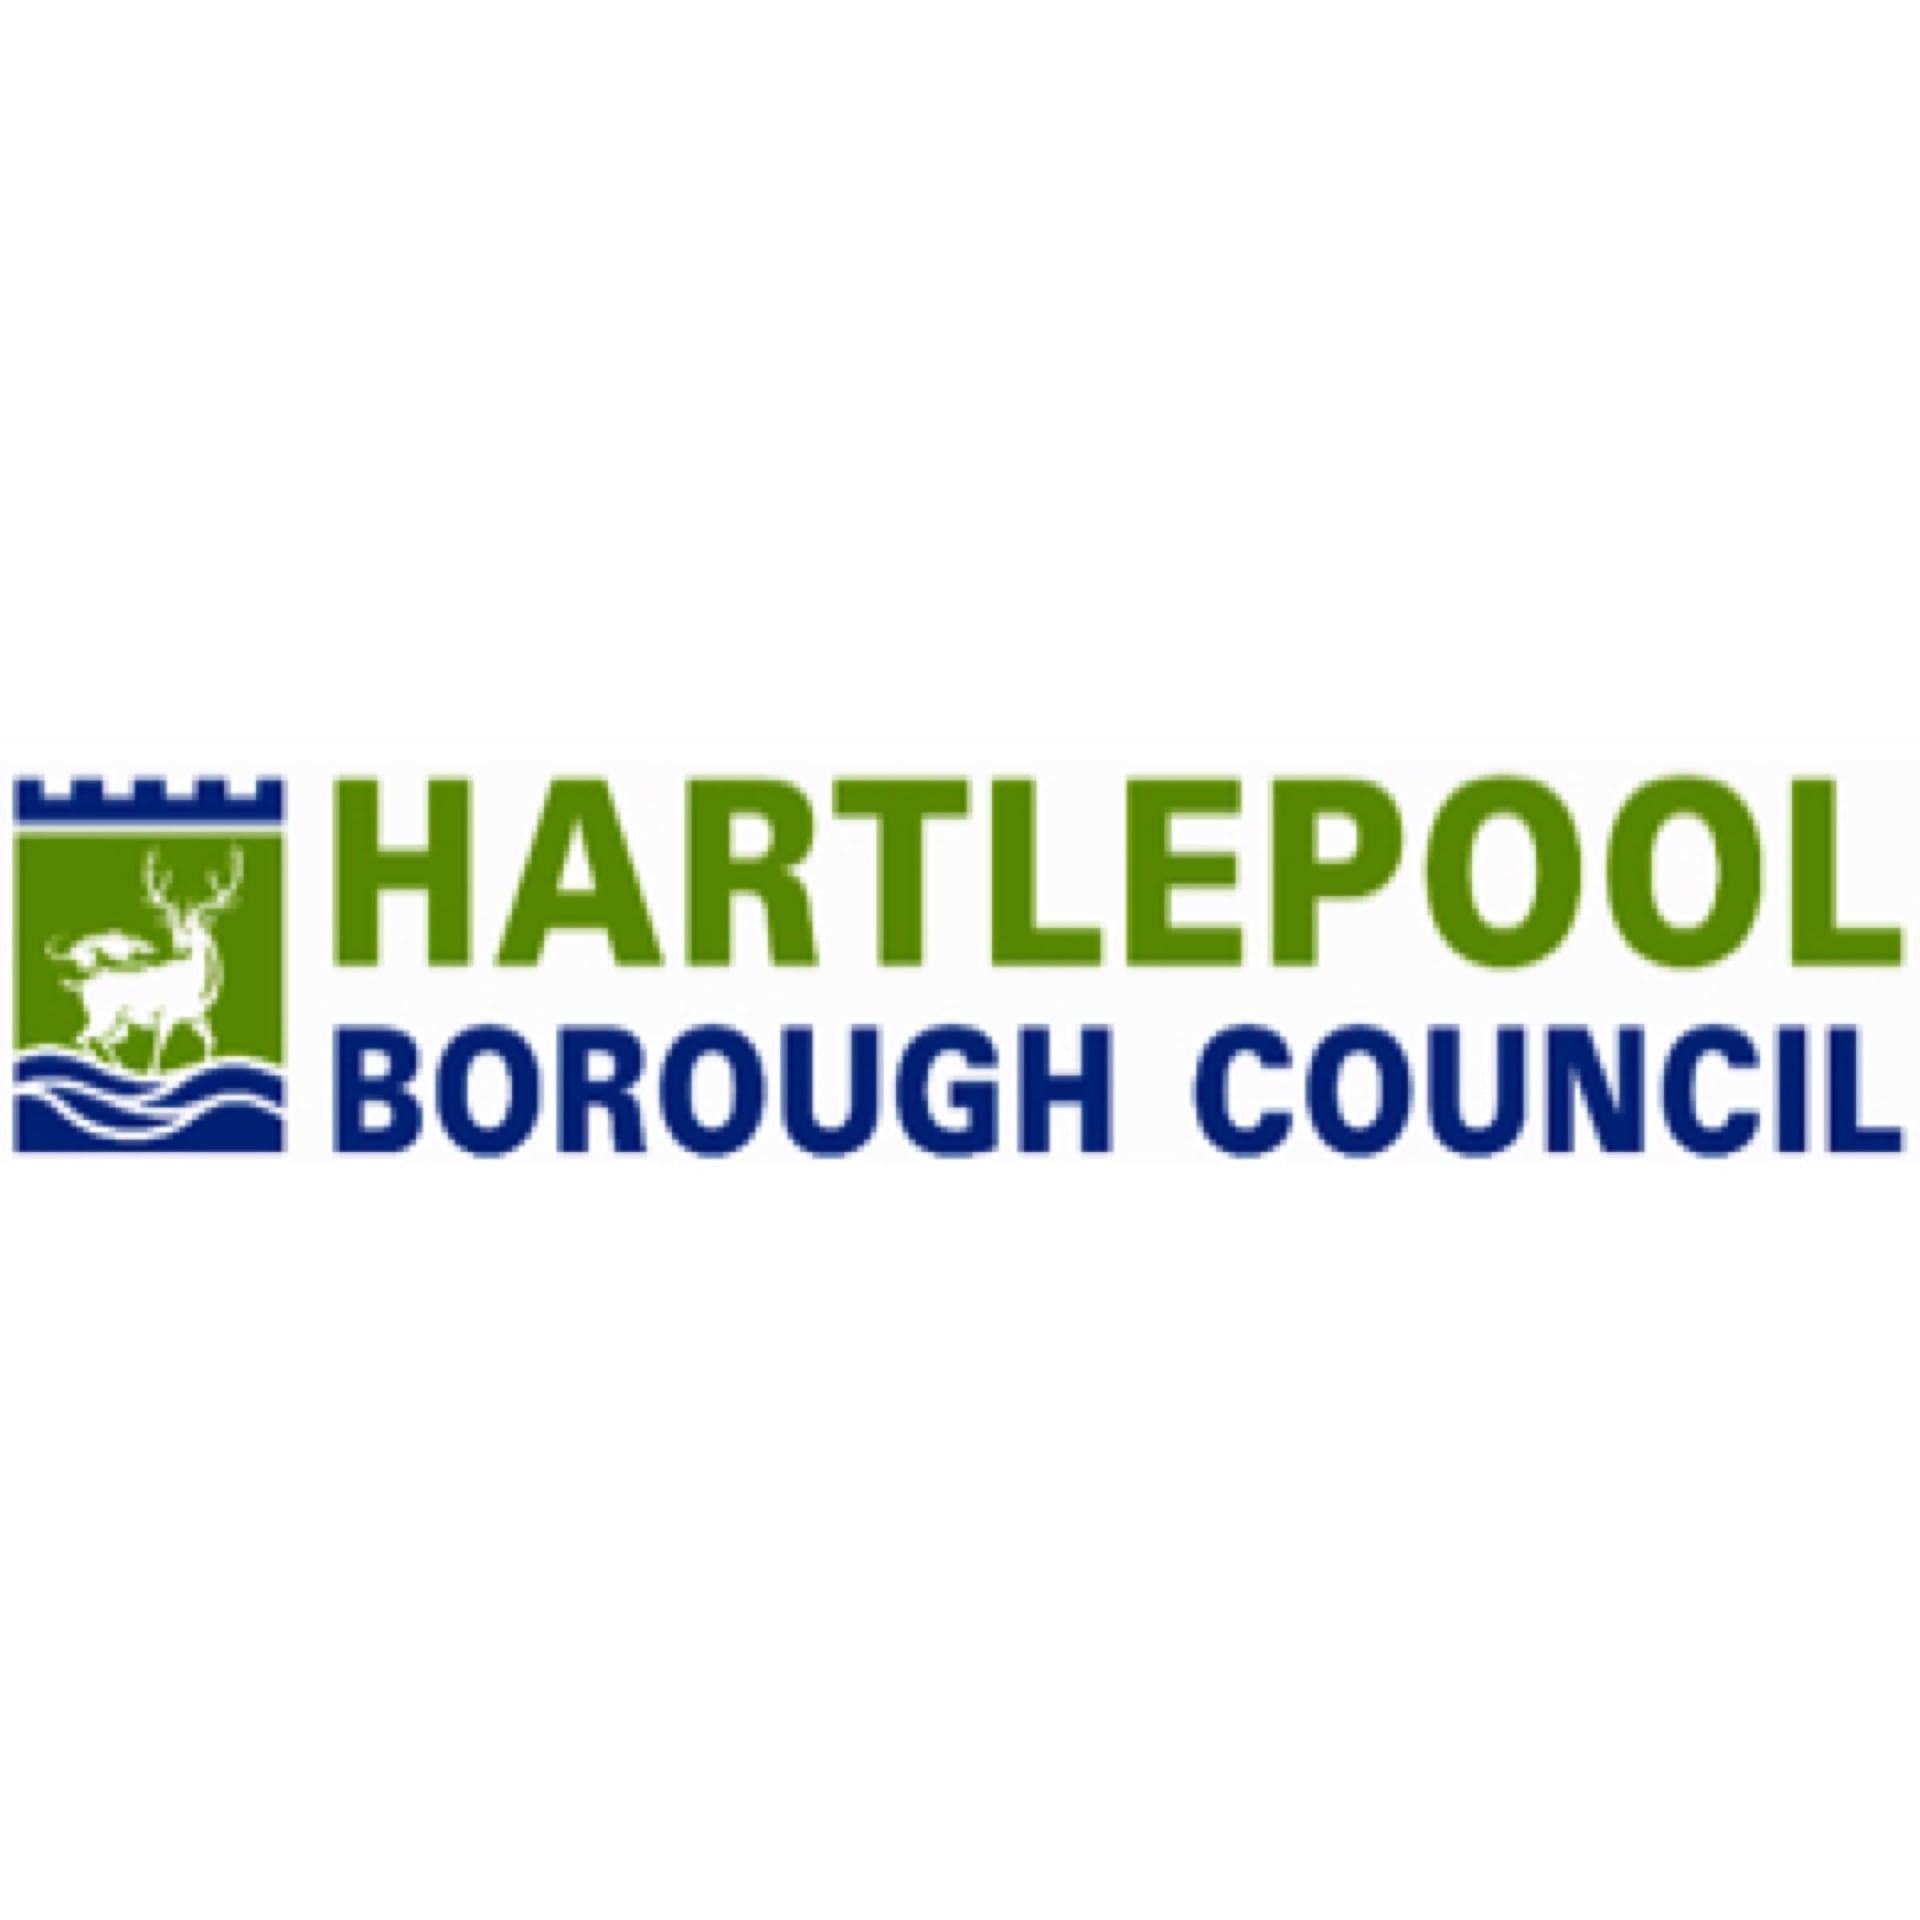 Hartlepool Borough Council